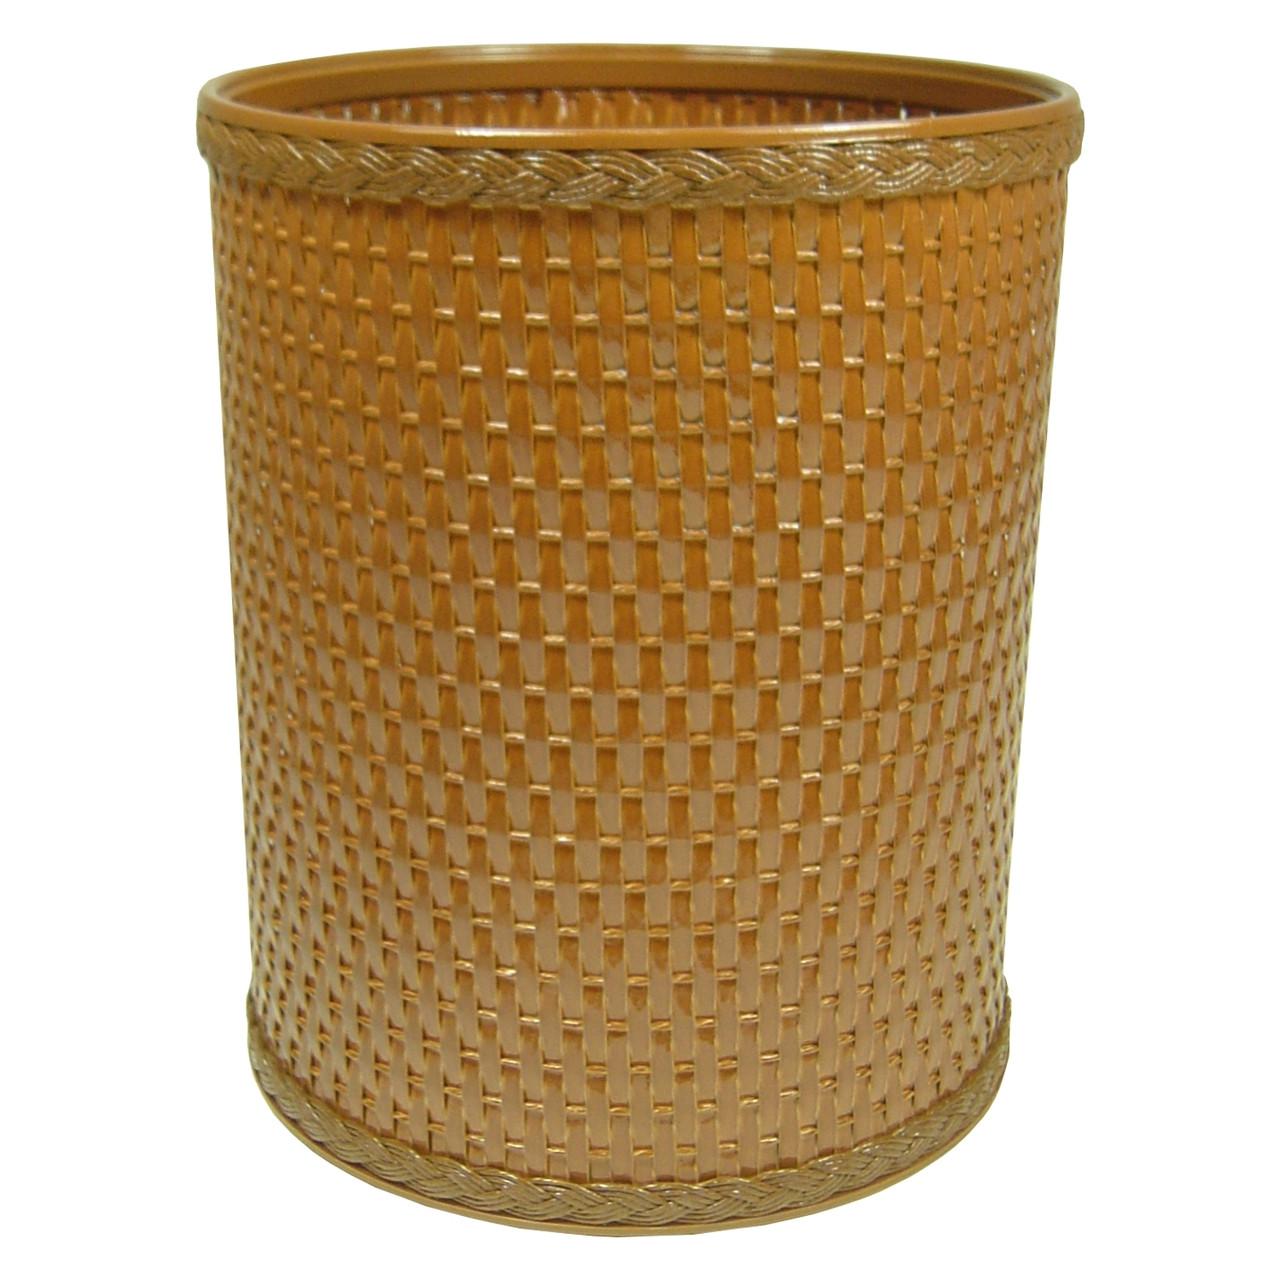 Chelsea Wicker Round Wastebasket Nutmeg